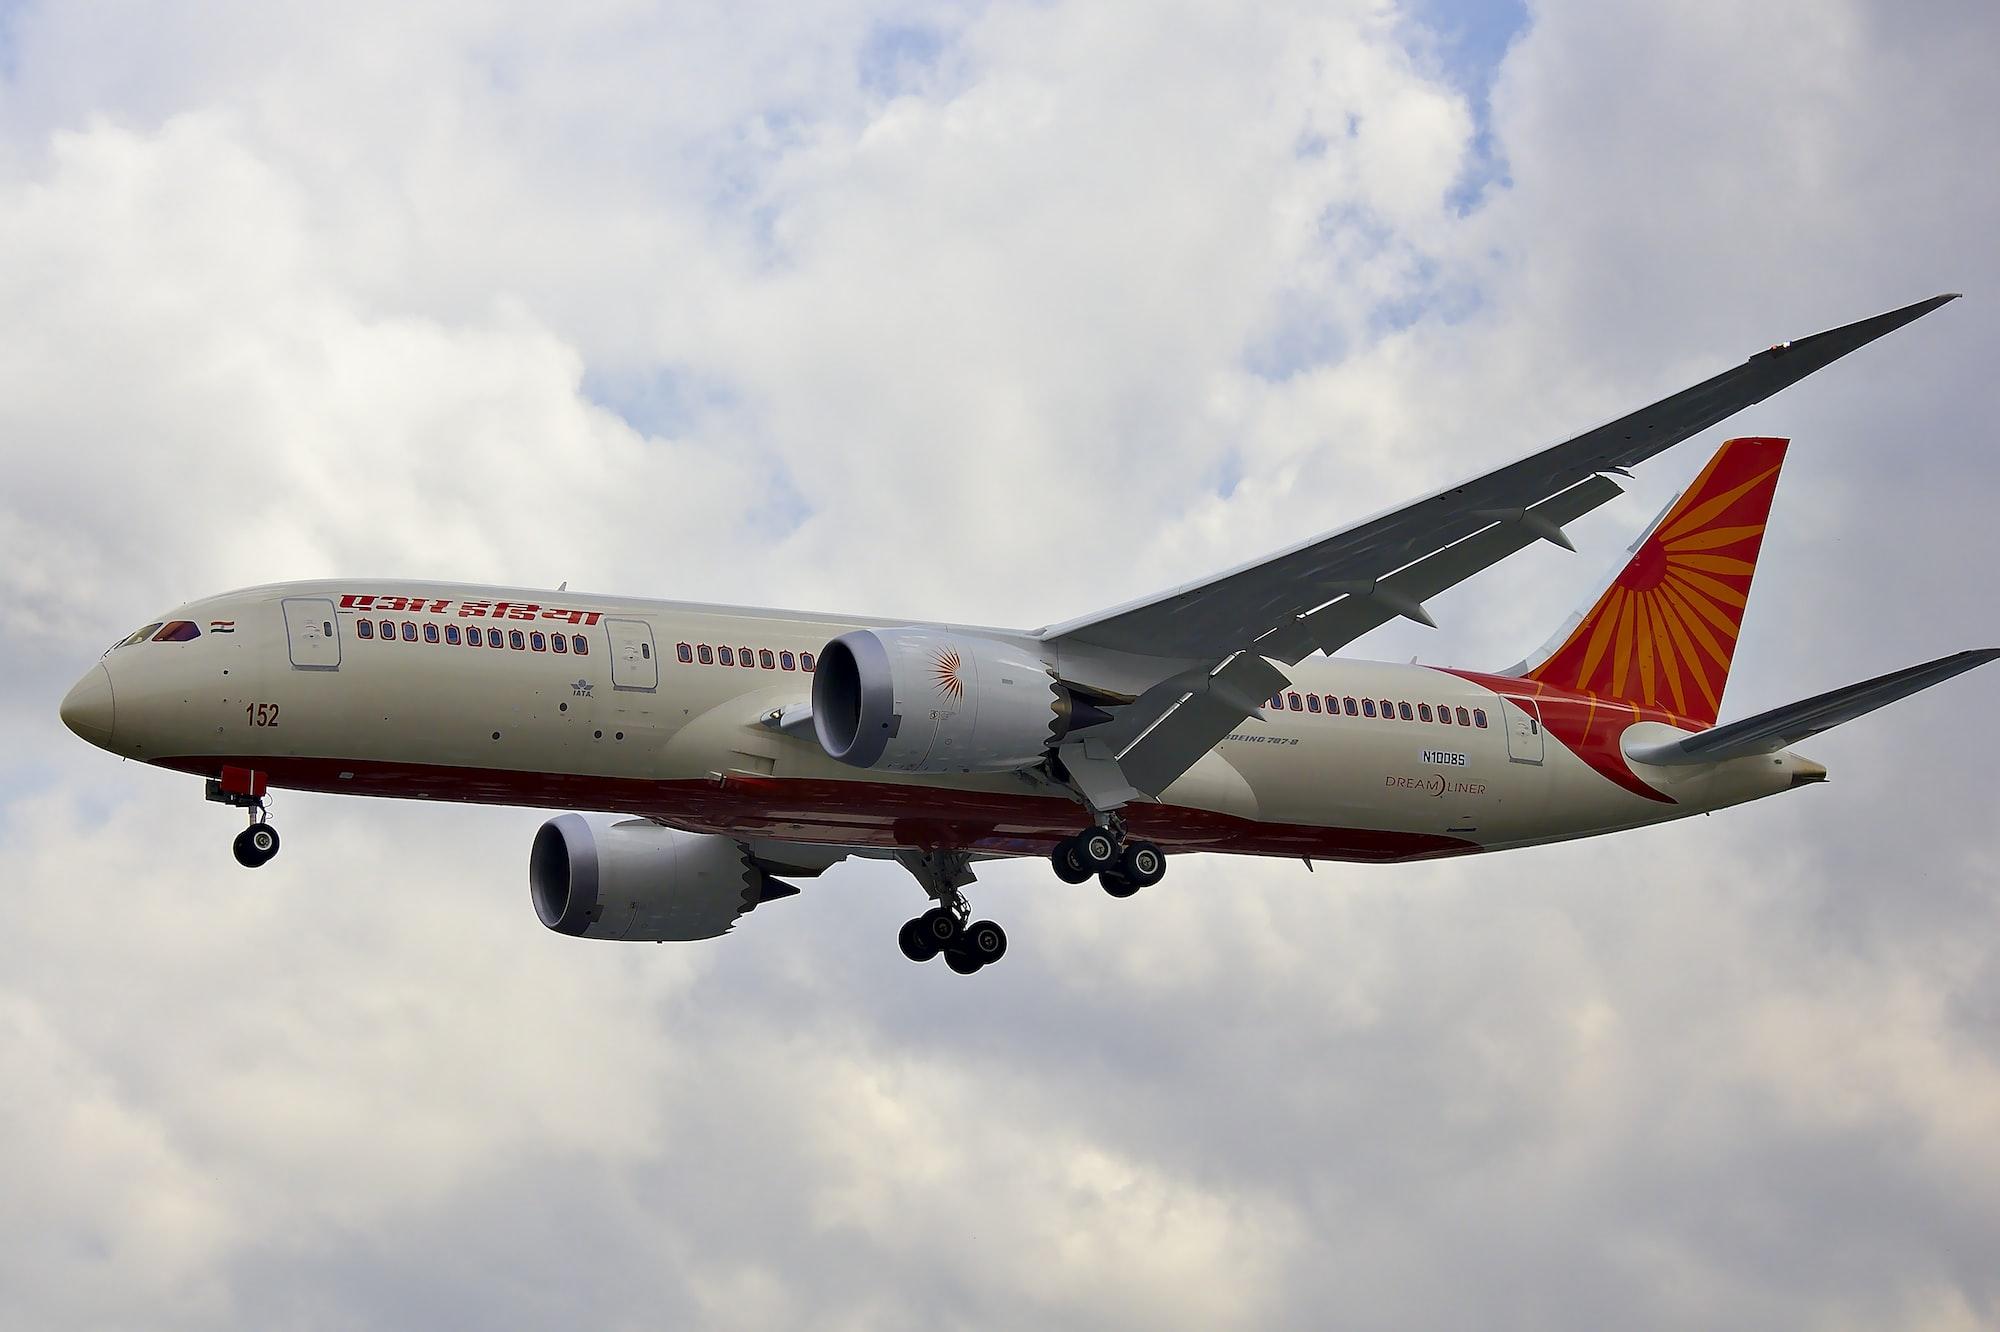 भारतीय छात्रों को विदेश पहुंचाने के लिए एक के बाद एक उड़ान भरेगी एयर इंडिया